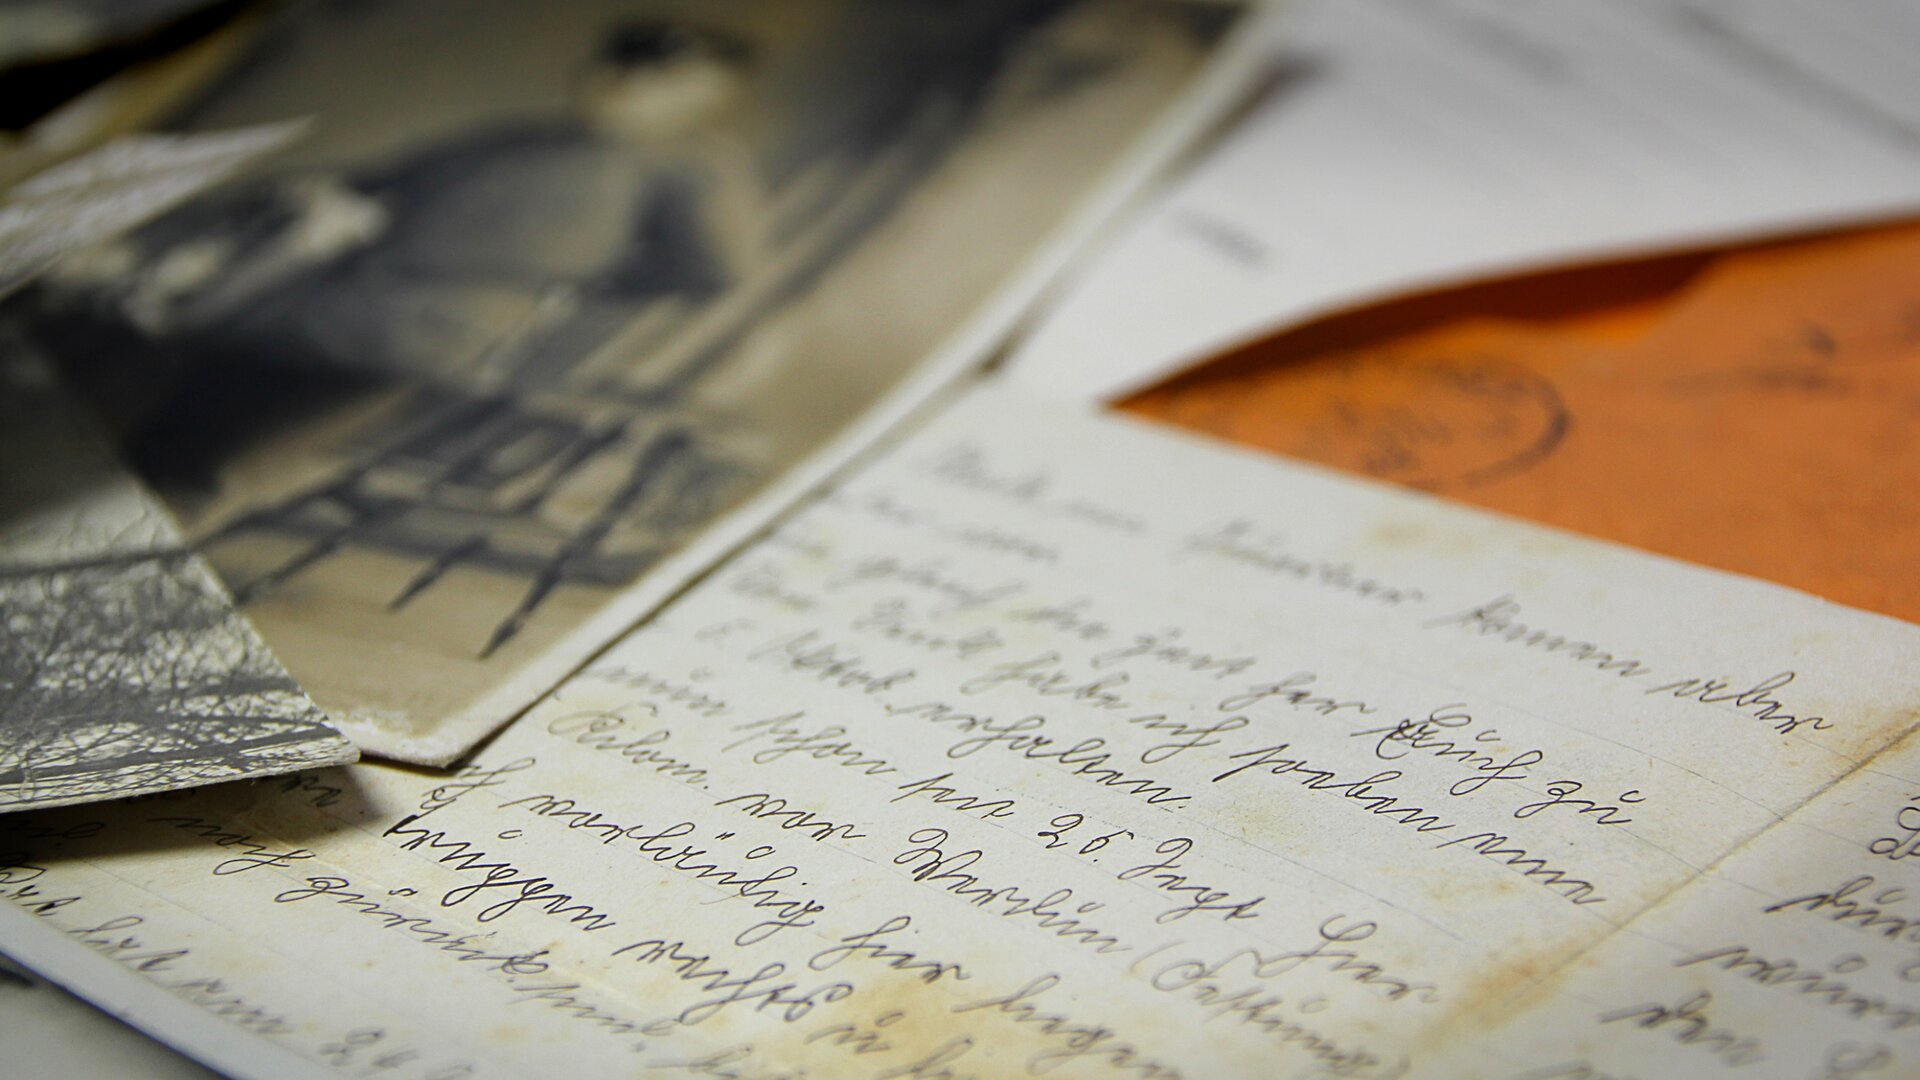 Zdjęcie przedstawia list napisany ręcznie. Papier jest nieco pożółkły, co może świadczyć otym, że jest to list sprzed wielu lat. Obok niego leży czarno-biała fotografia. Widać na niej zarys człowieka. Stoi wyprostowany. Prawdopodobnie ma na sobie mundur.